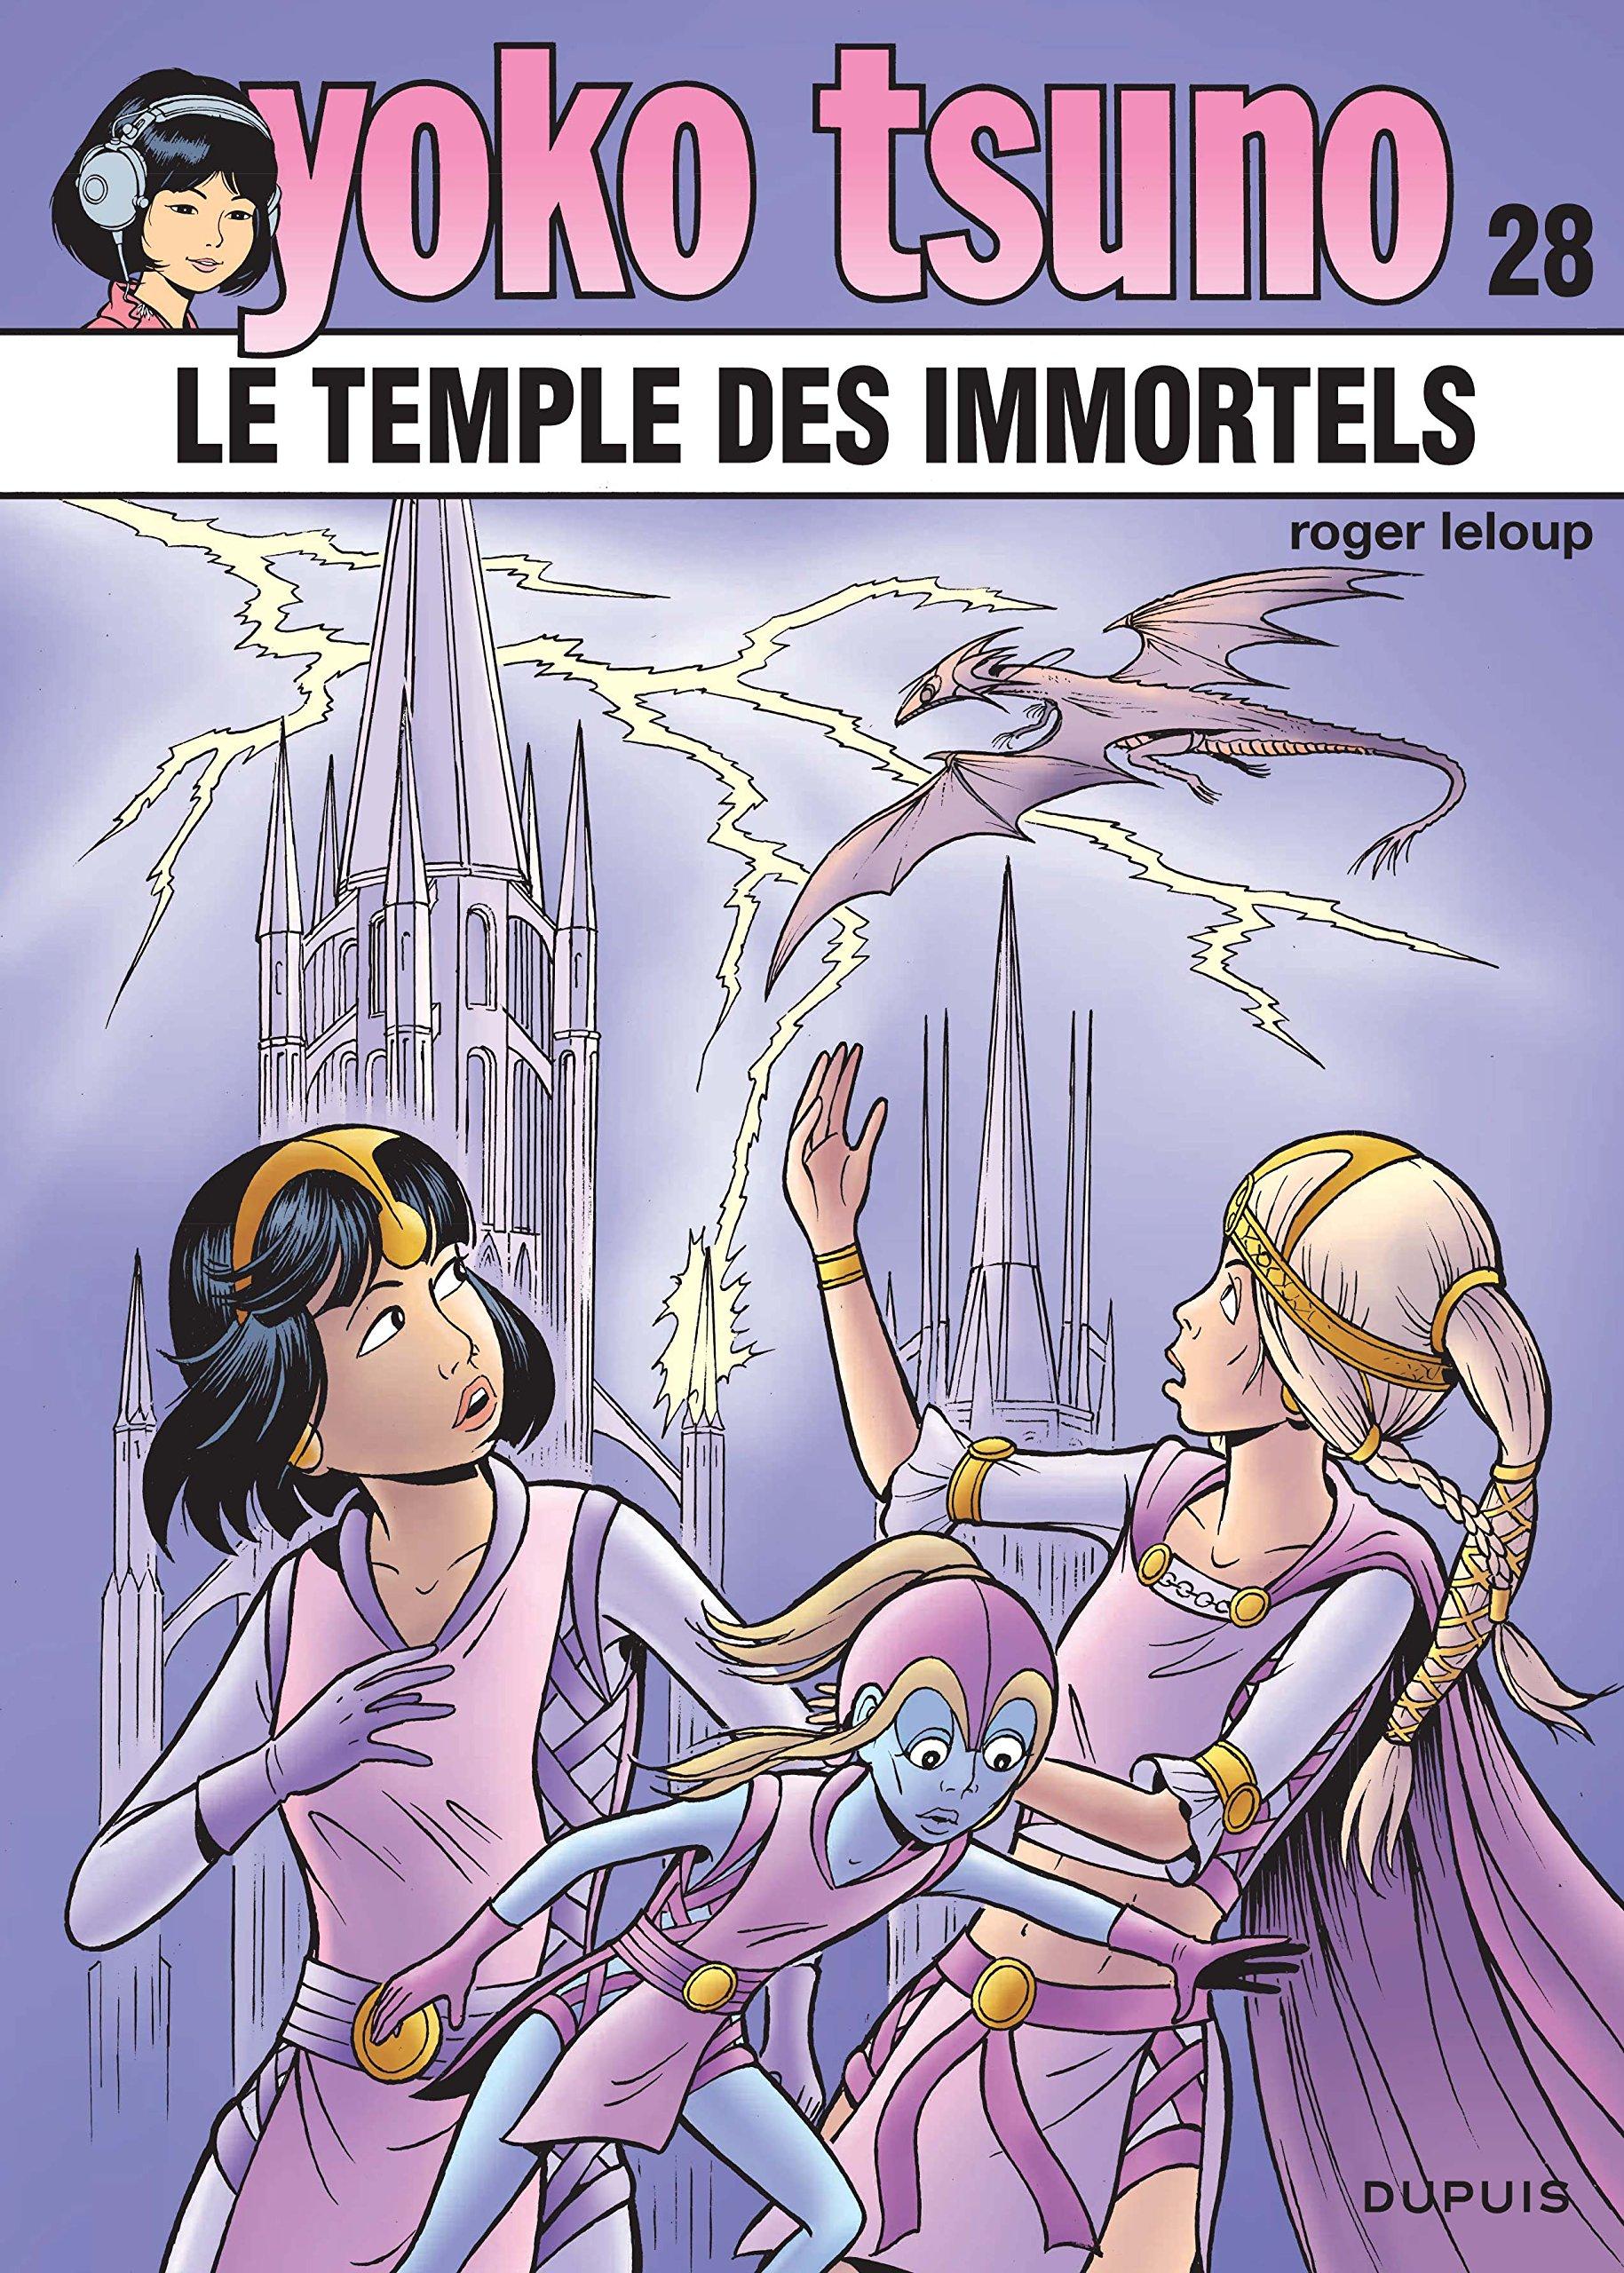 Yoko Tsuno 28 - Le temple des immortels